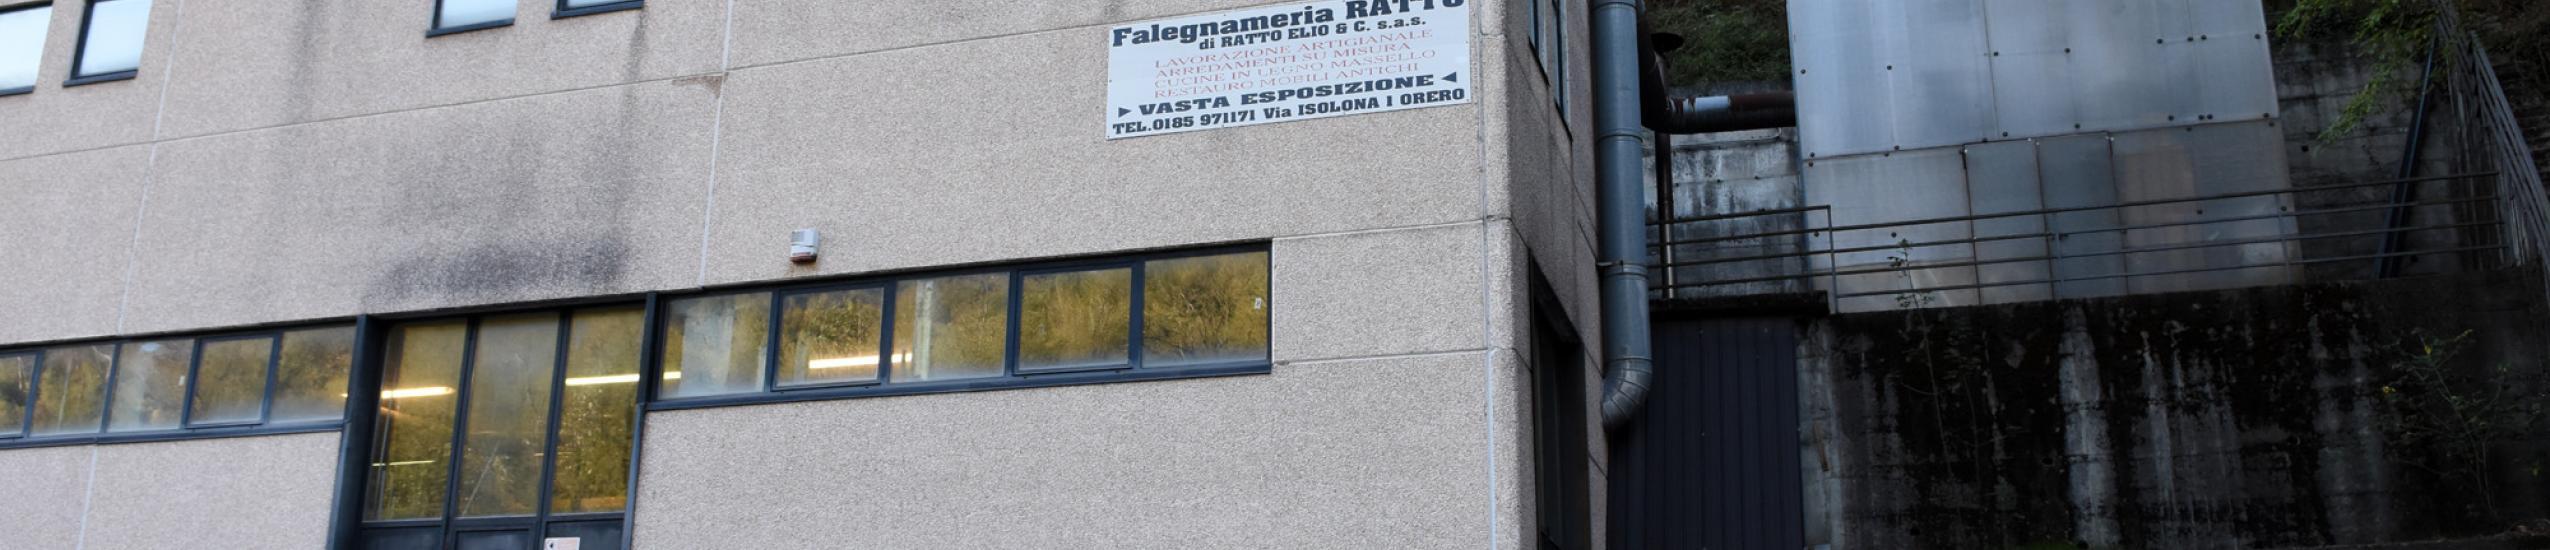 Falegnameria Ratto